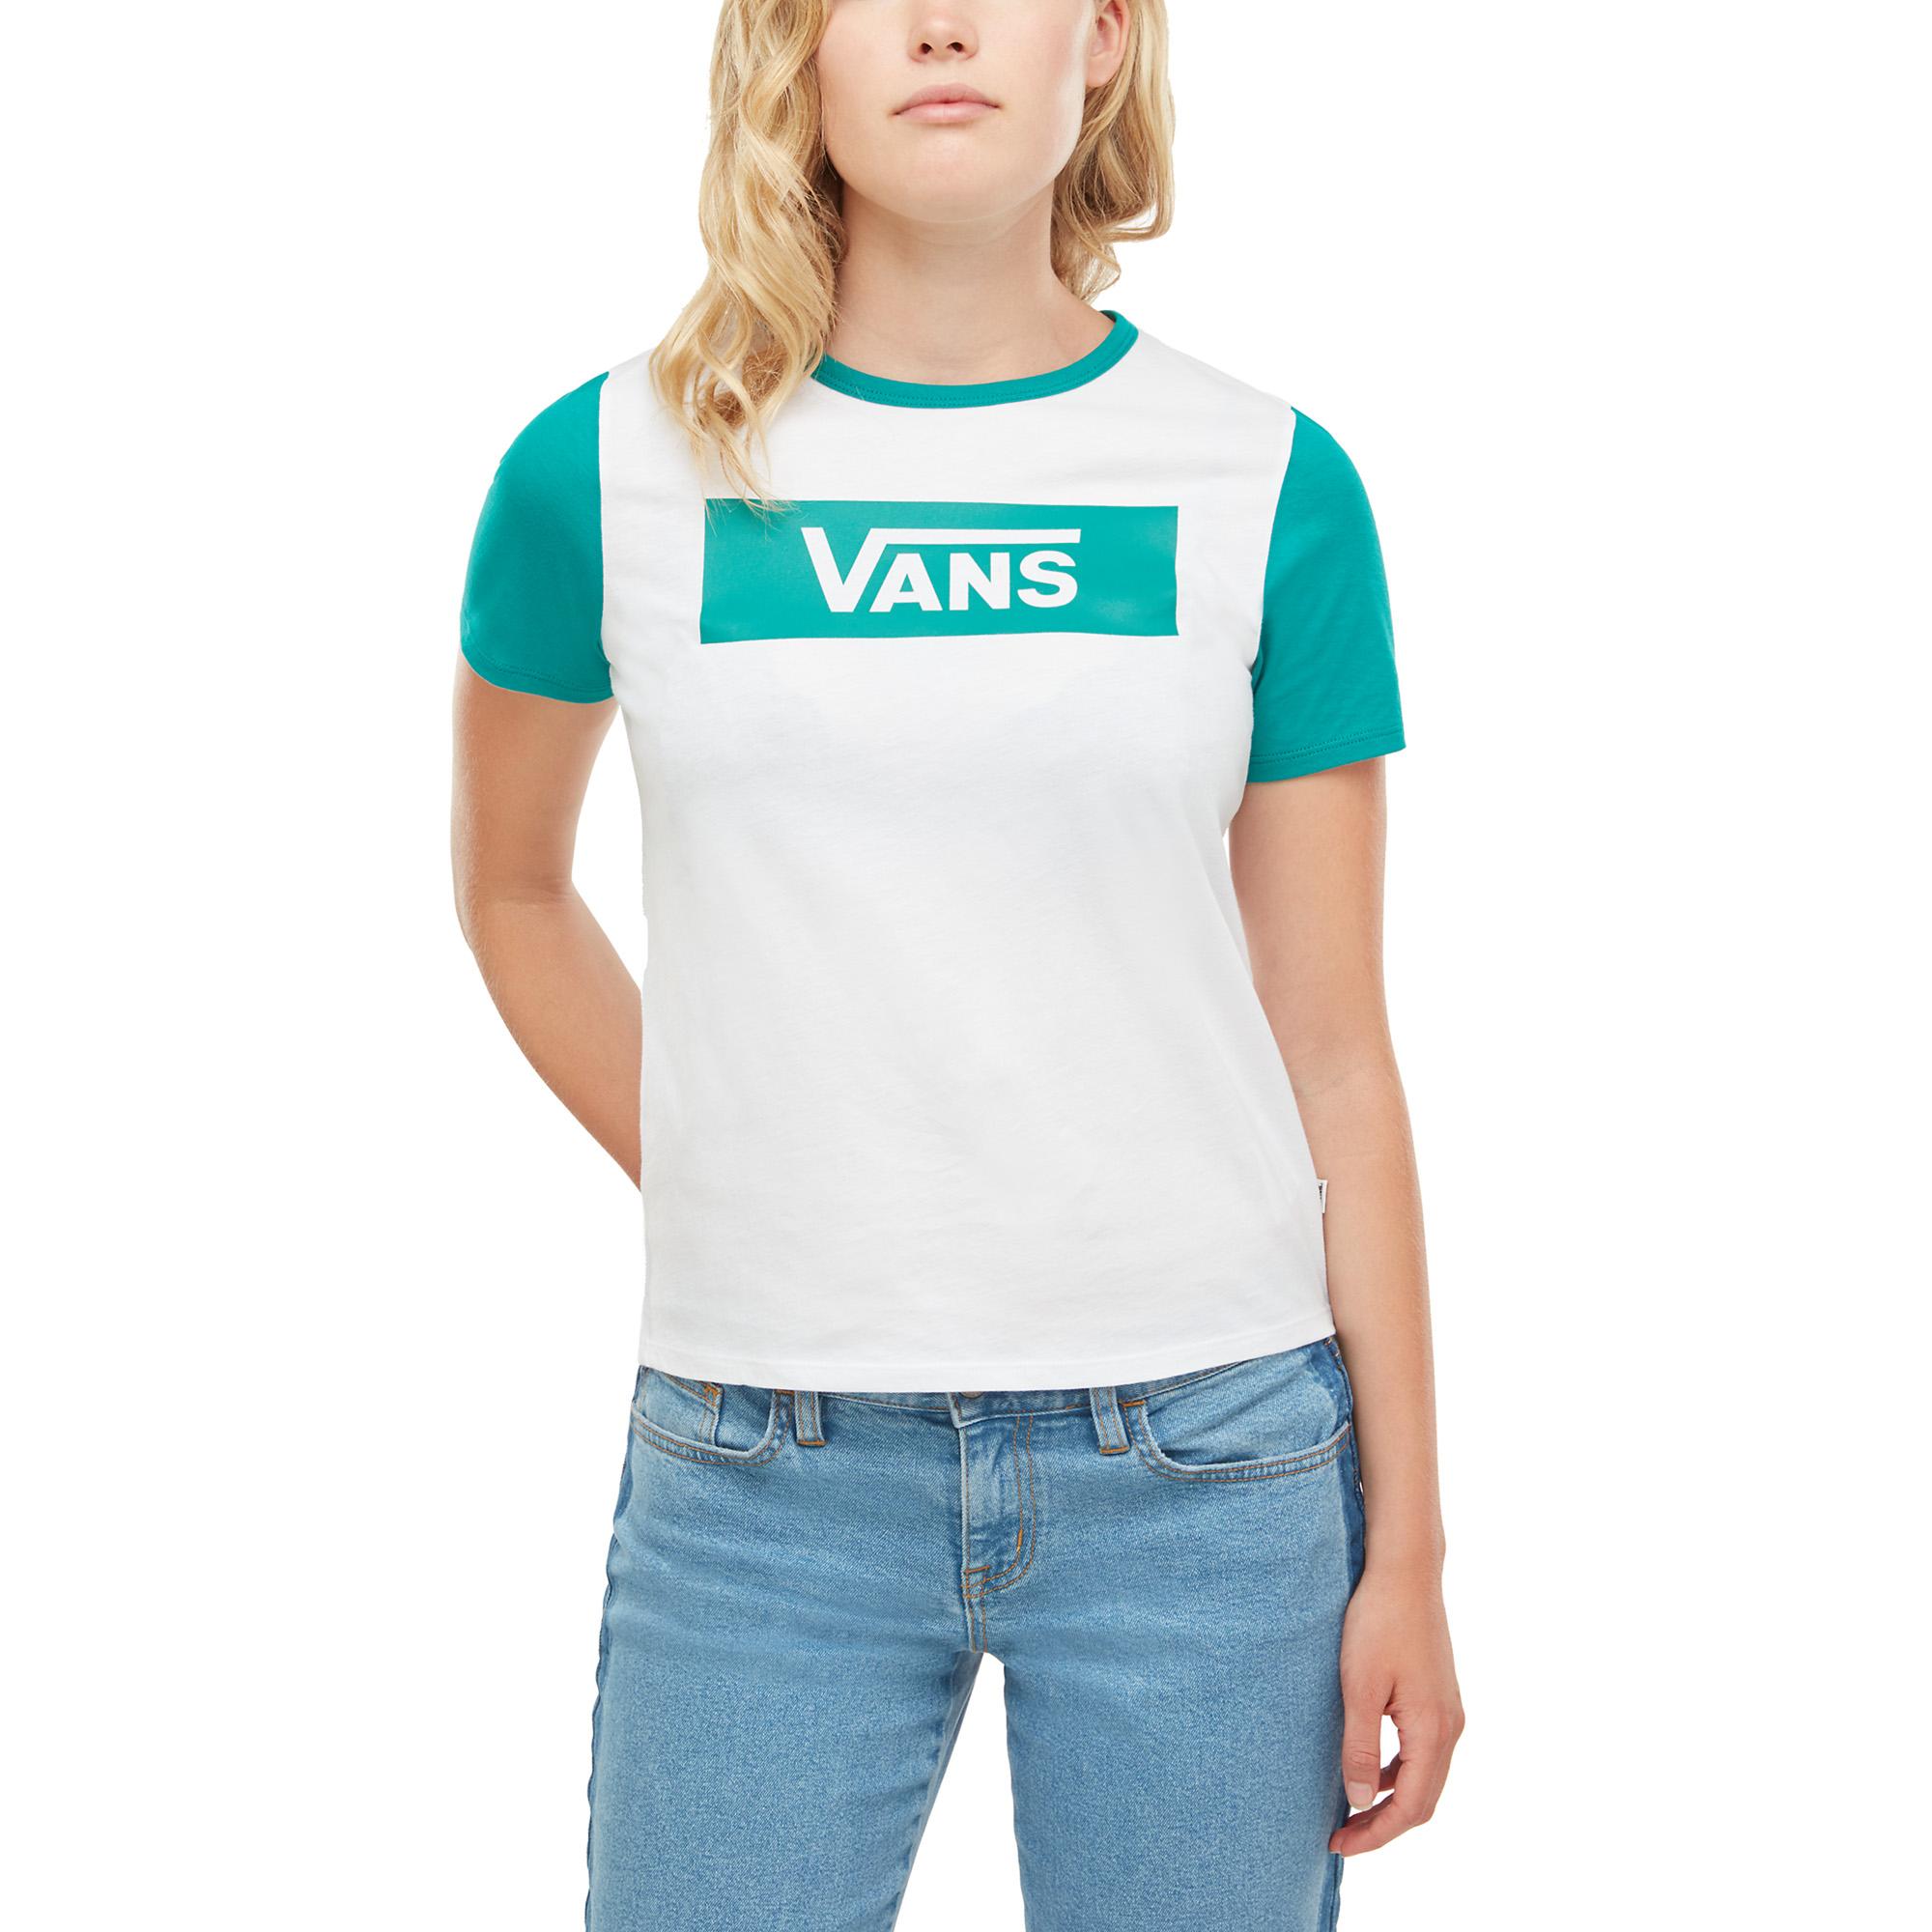 Футболка женская Vans V Tangle Range Ringer, цвет: белый, зеленый. VA3ULLUWJ. Размер S (42) футболка мужская vans colorblock tee цвет черный va3czdjgp размер s 44